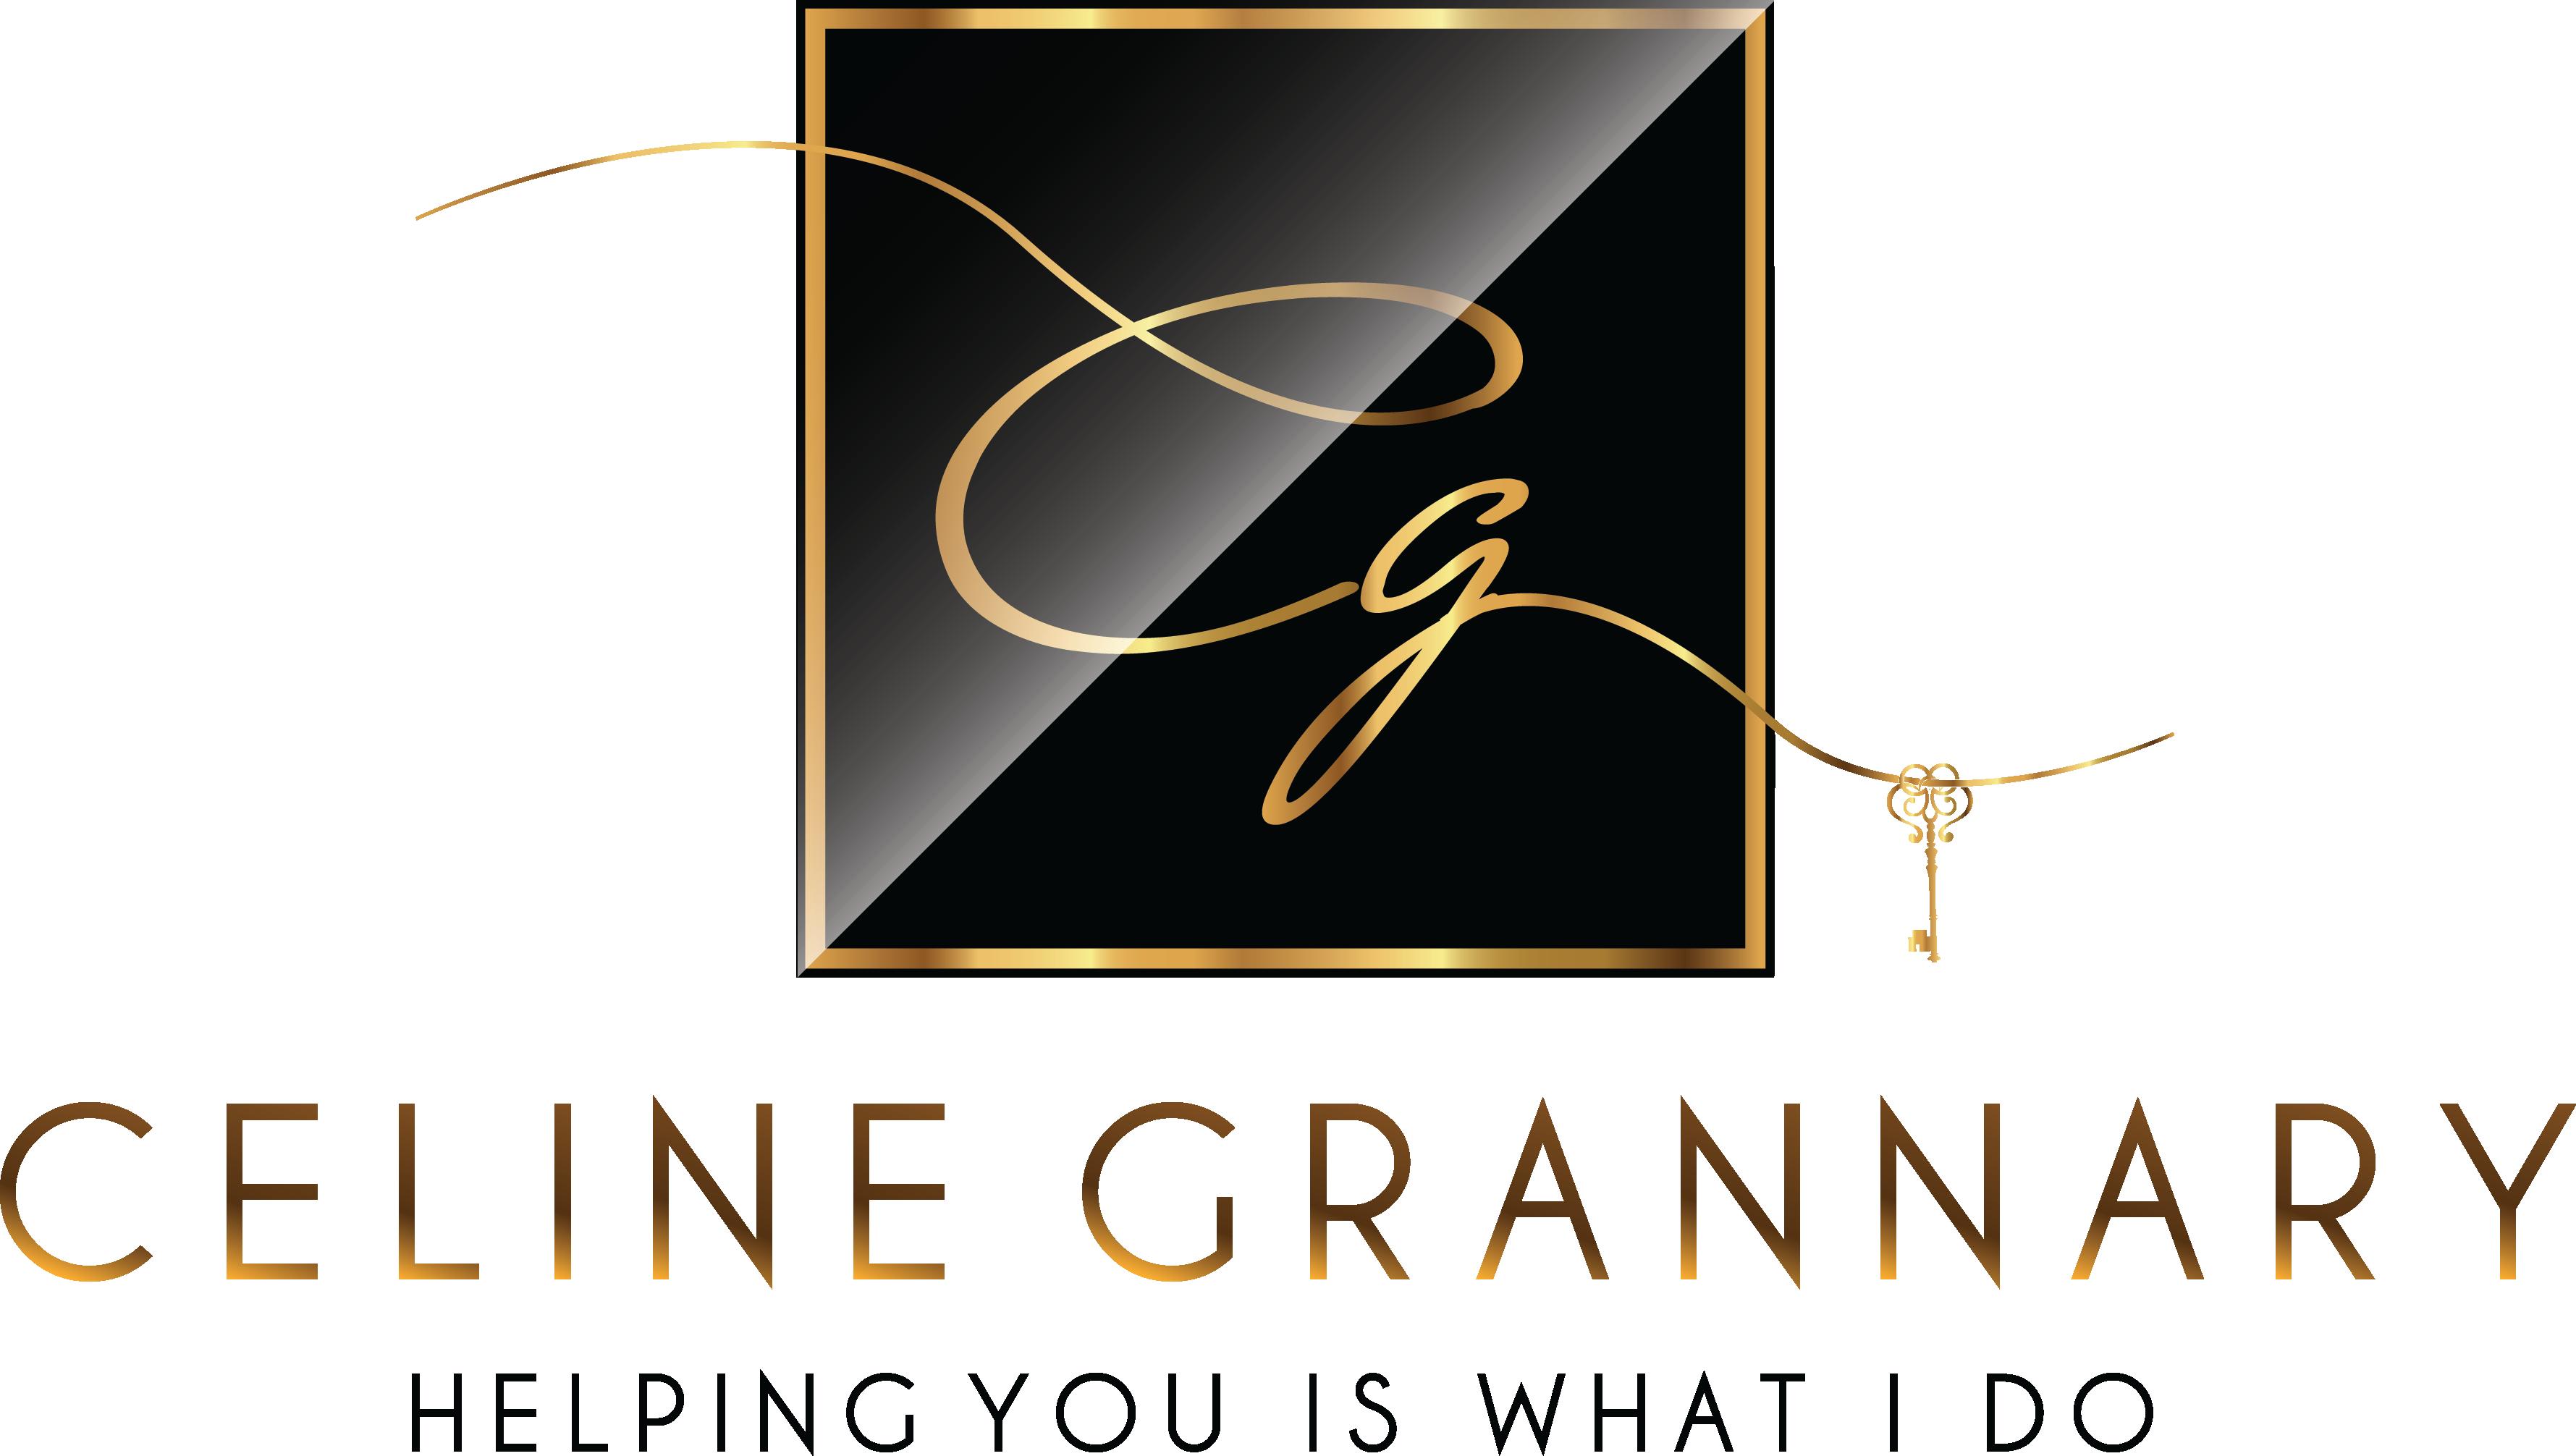 Design a new logo for Celine Grannary